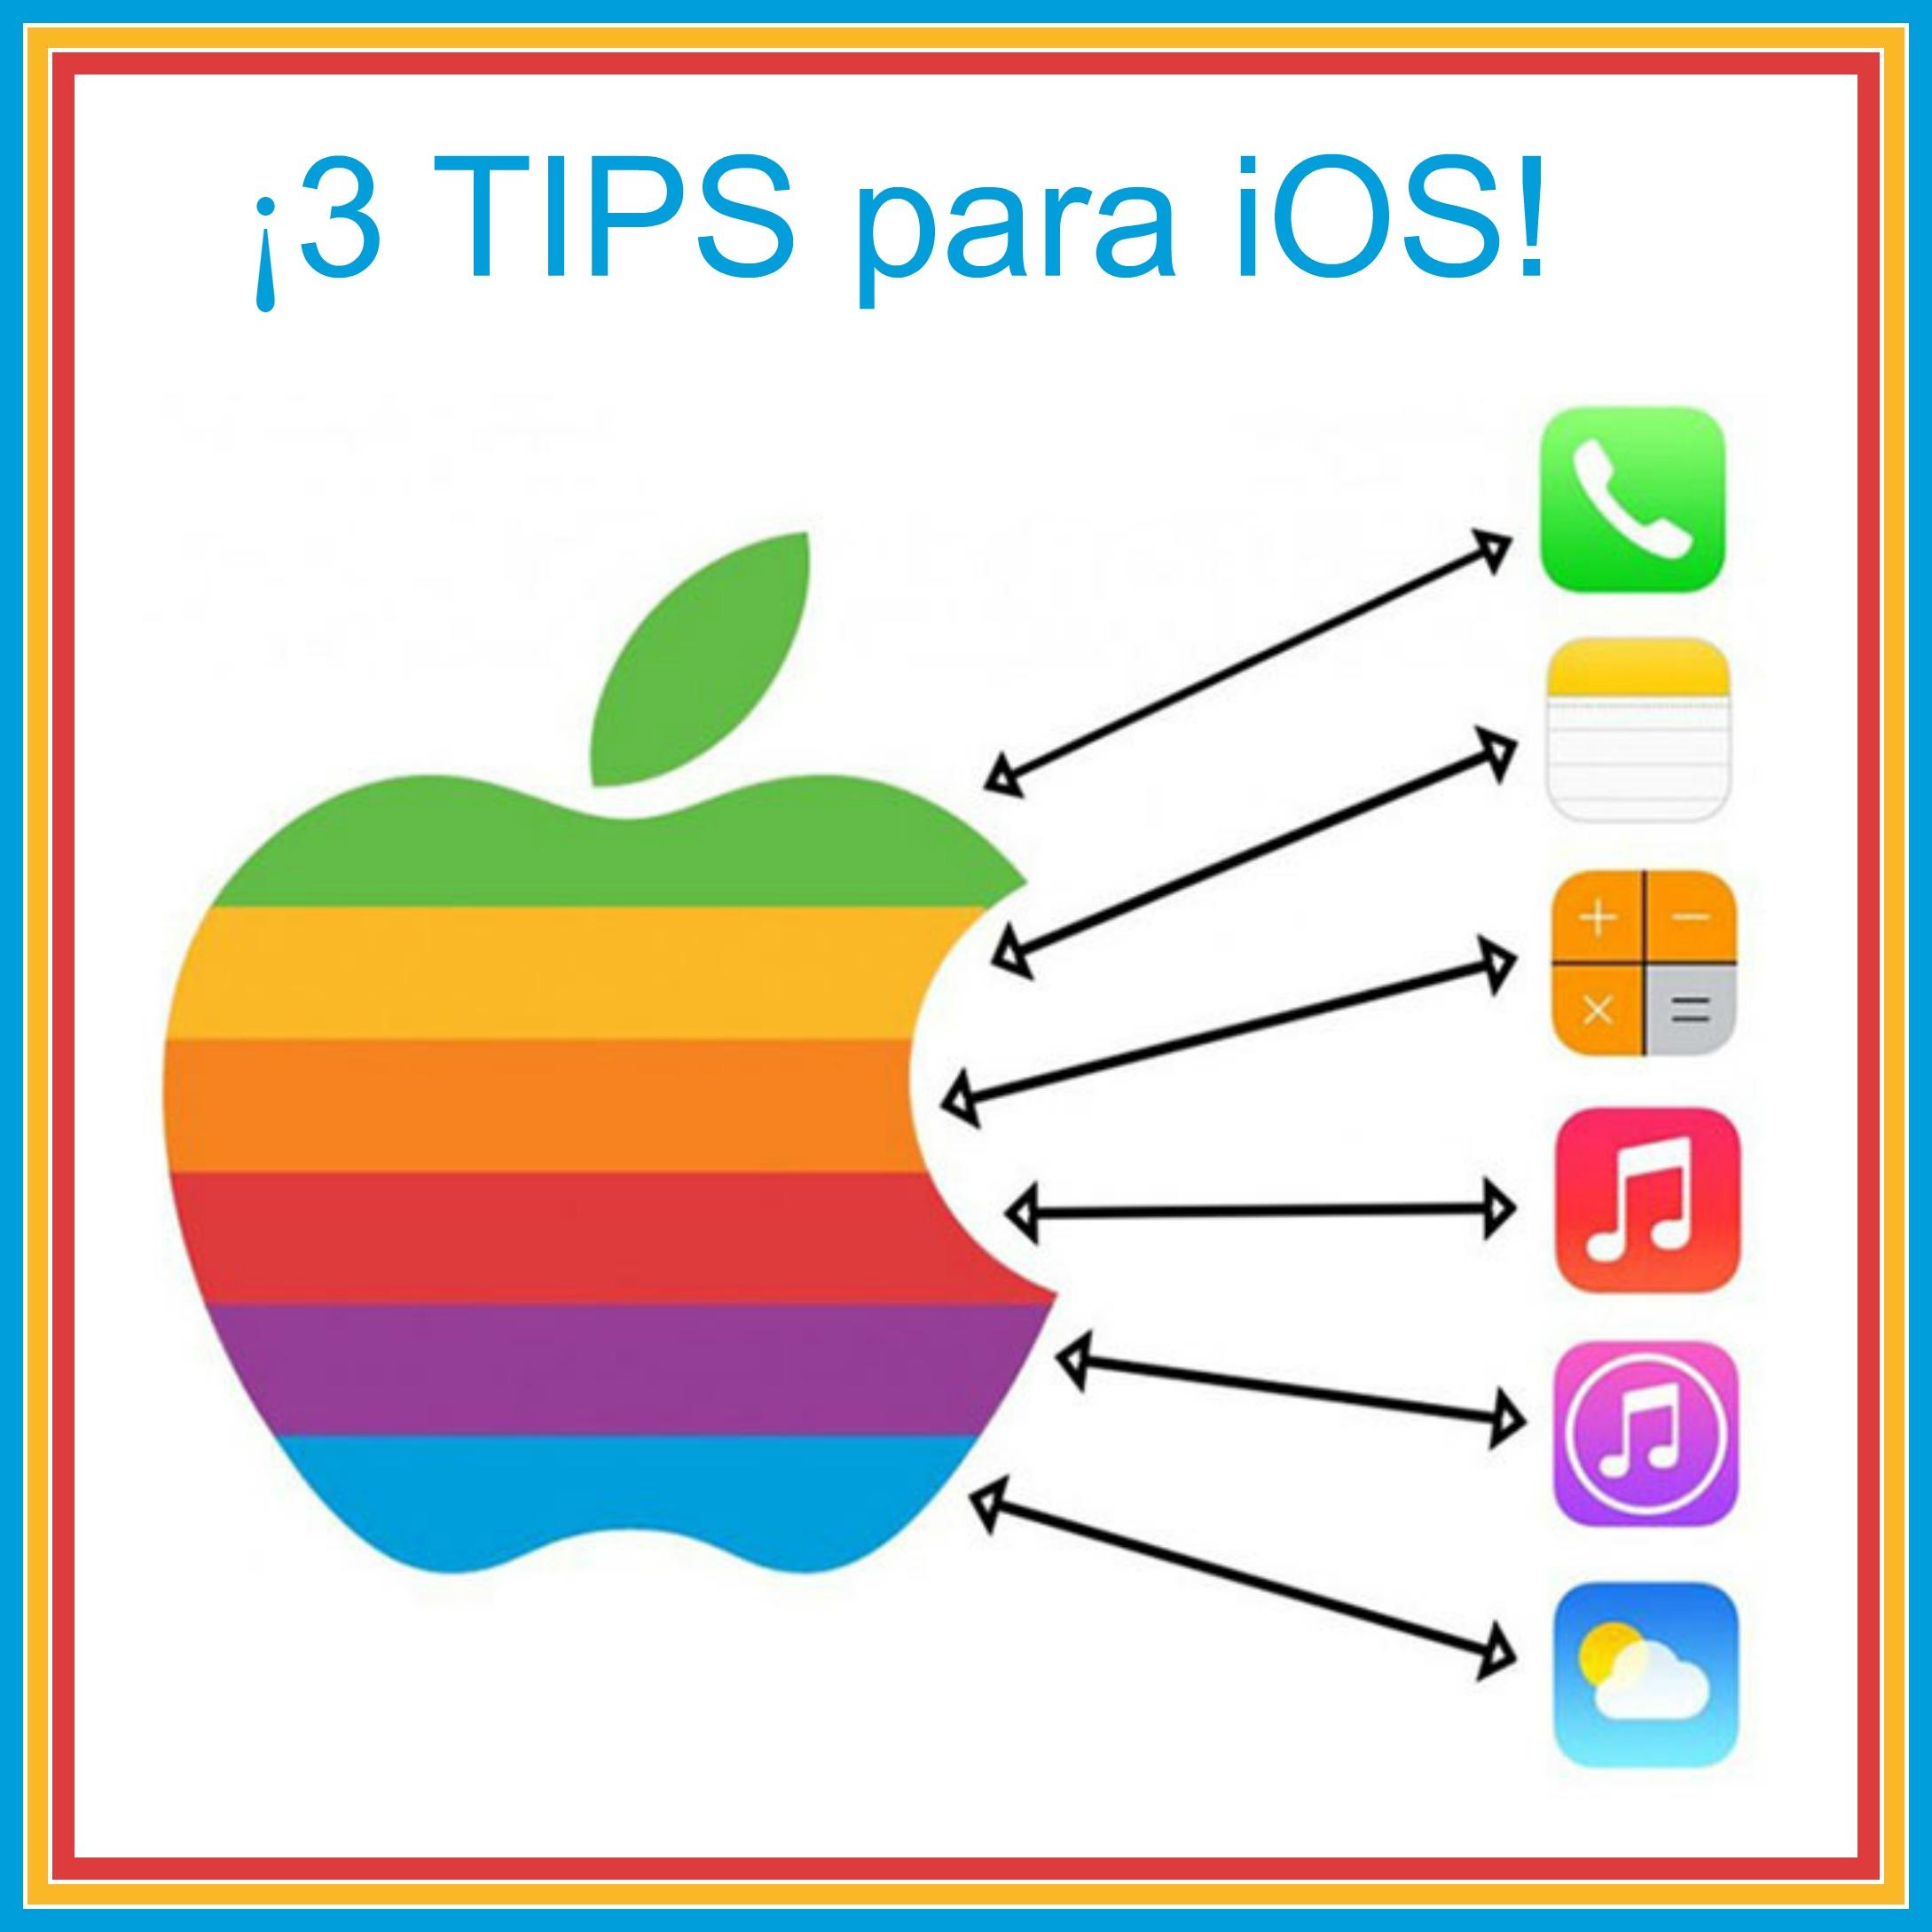 Saca el máximo partido a tu iOS con estos 3 TIPS